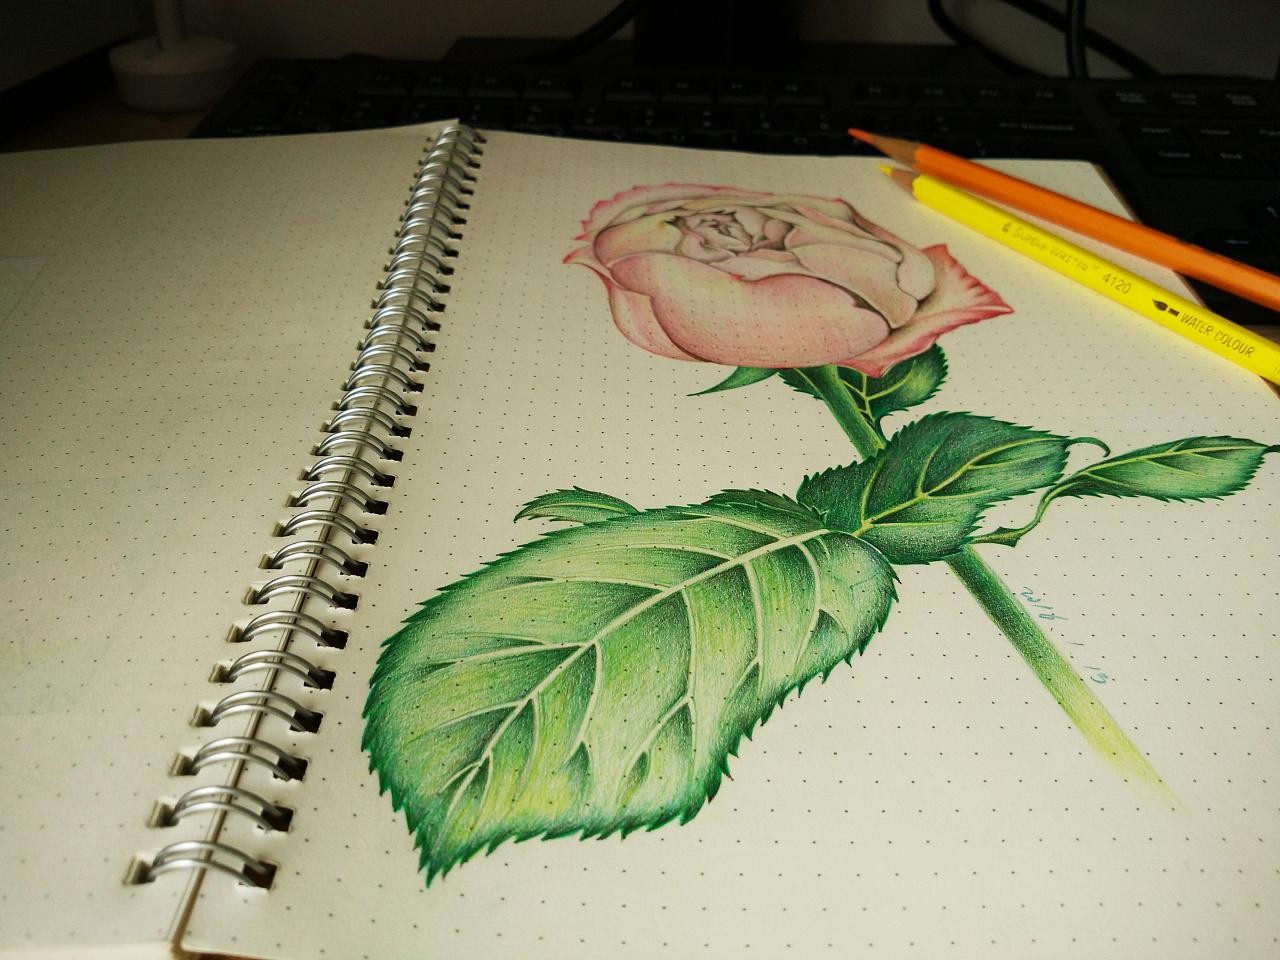 彩铅笔手绘临摹练习-02